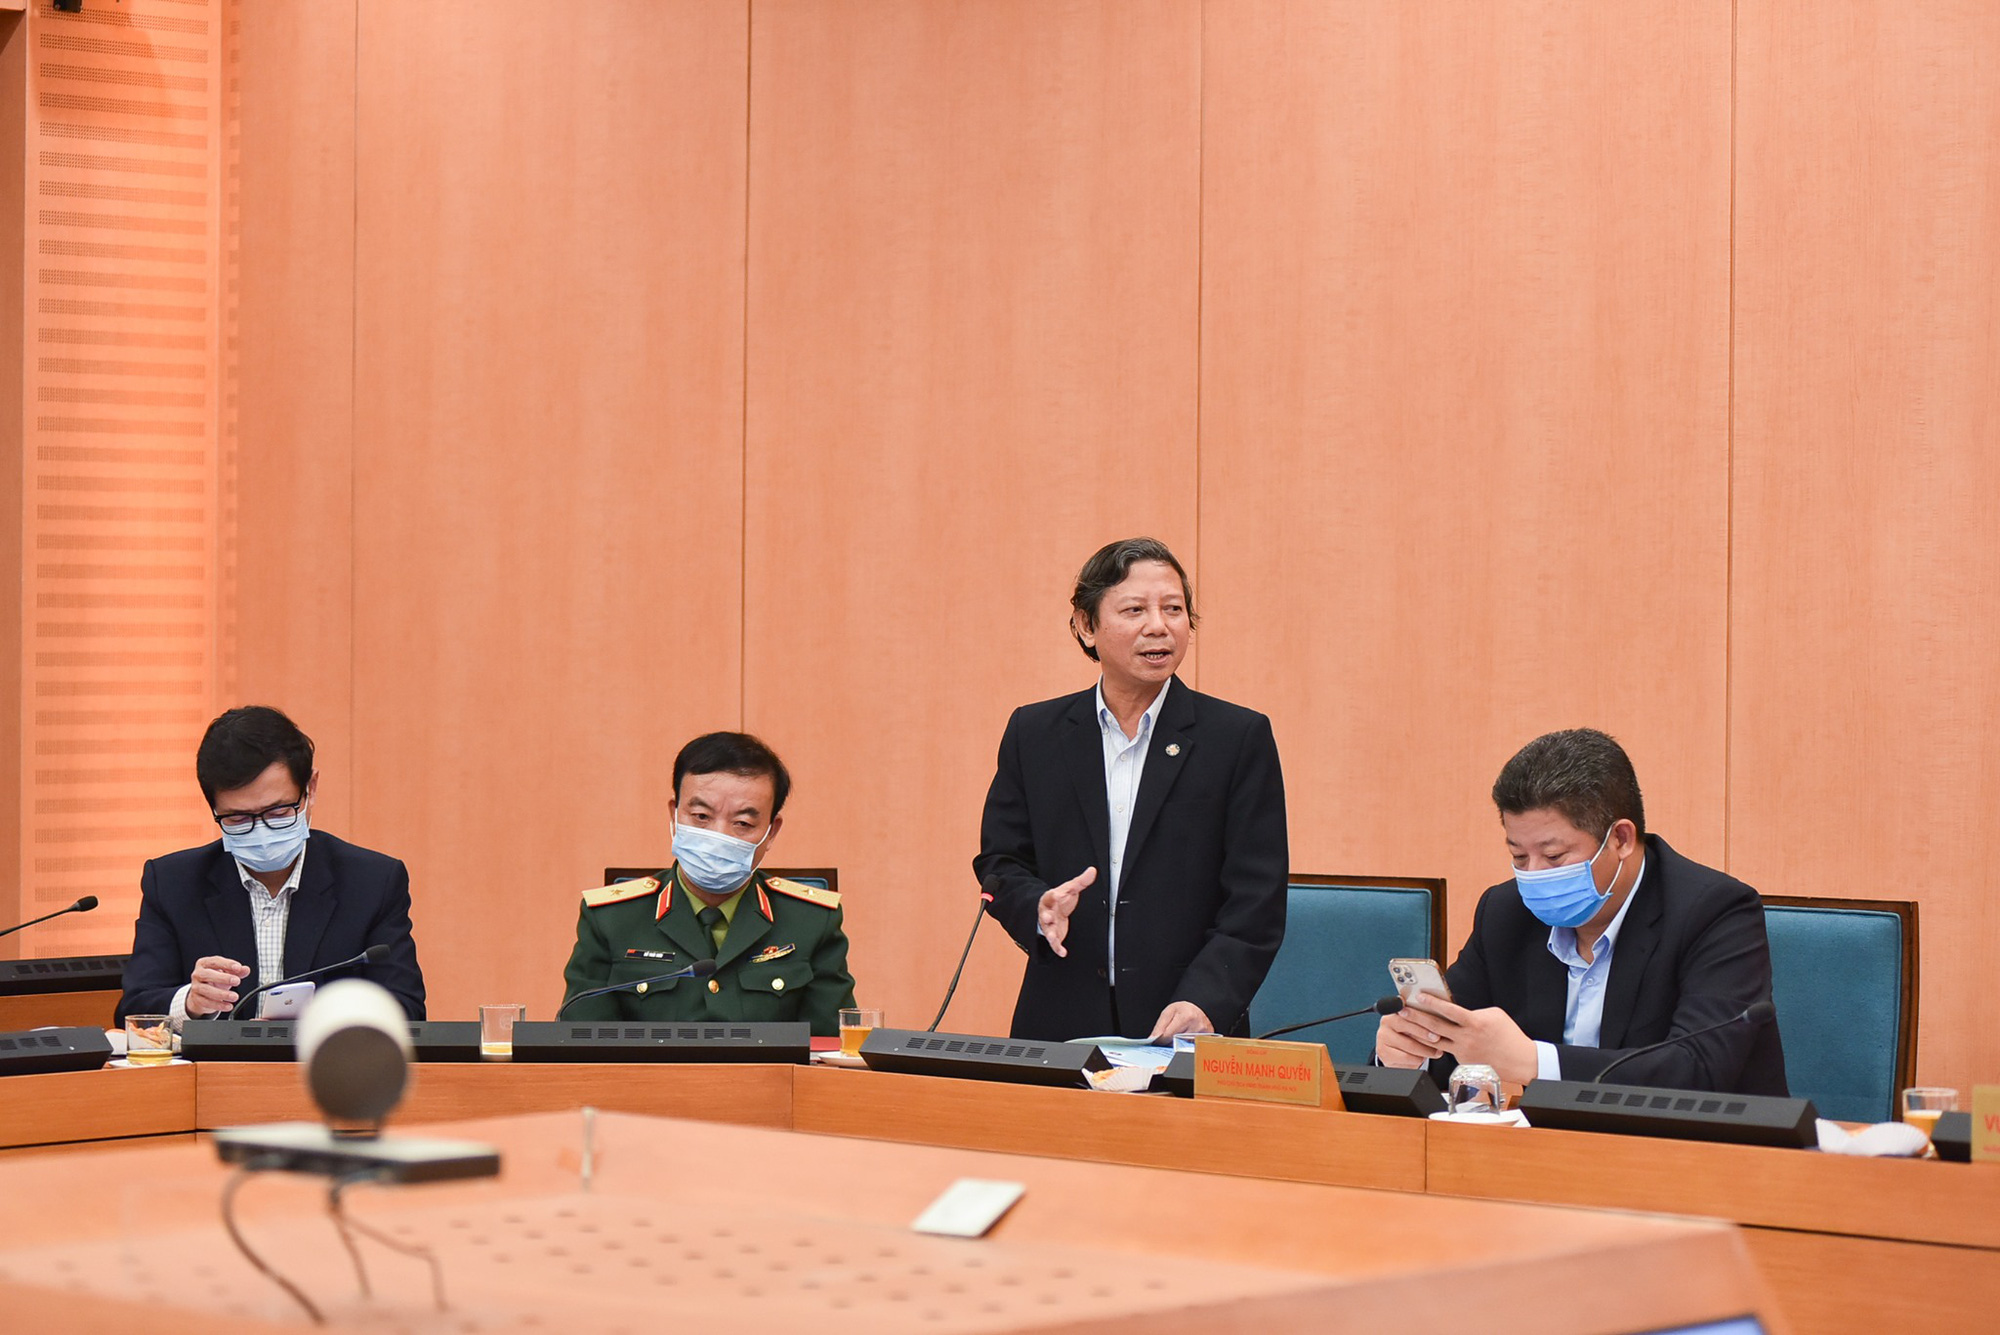 Covid-19 ở Hà Nội: Có cần thiết phong tỏa theo Chỉ thị của Thủ tướng - Ảnh 3.